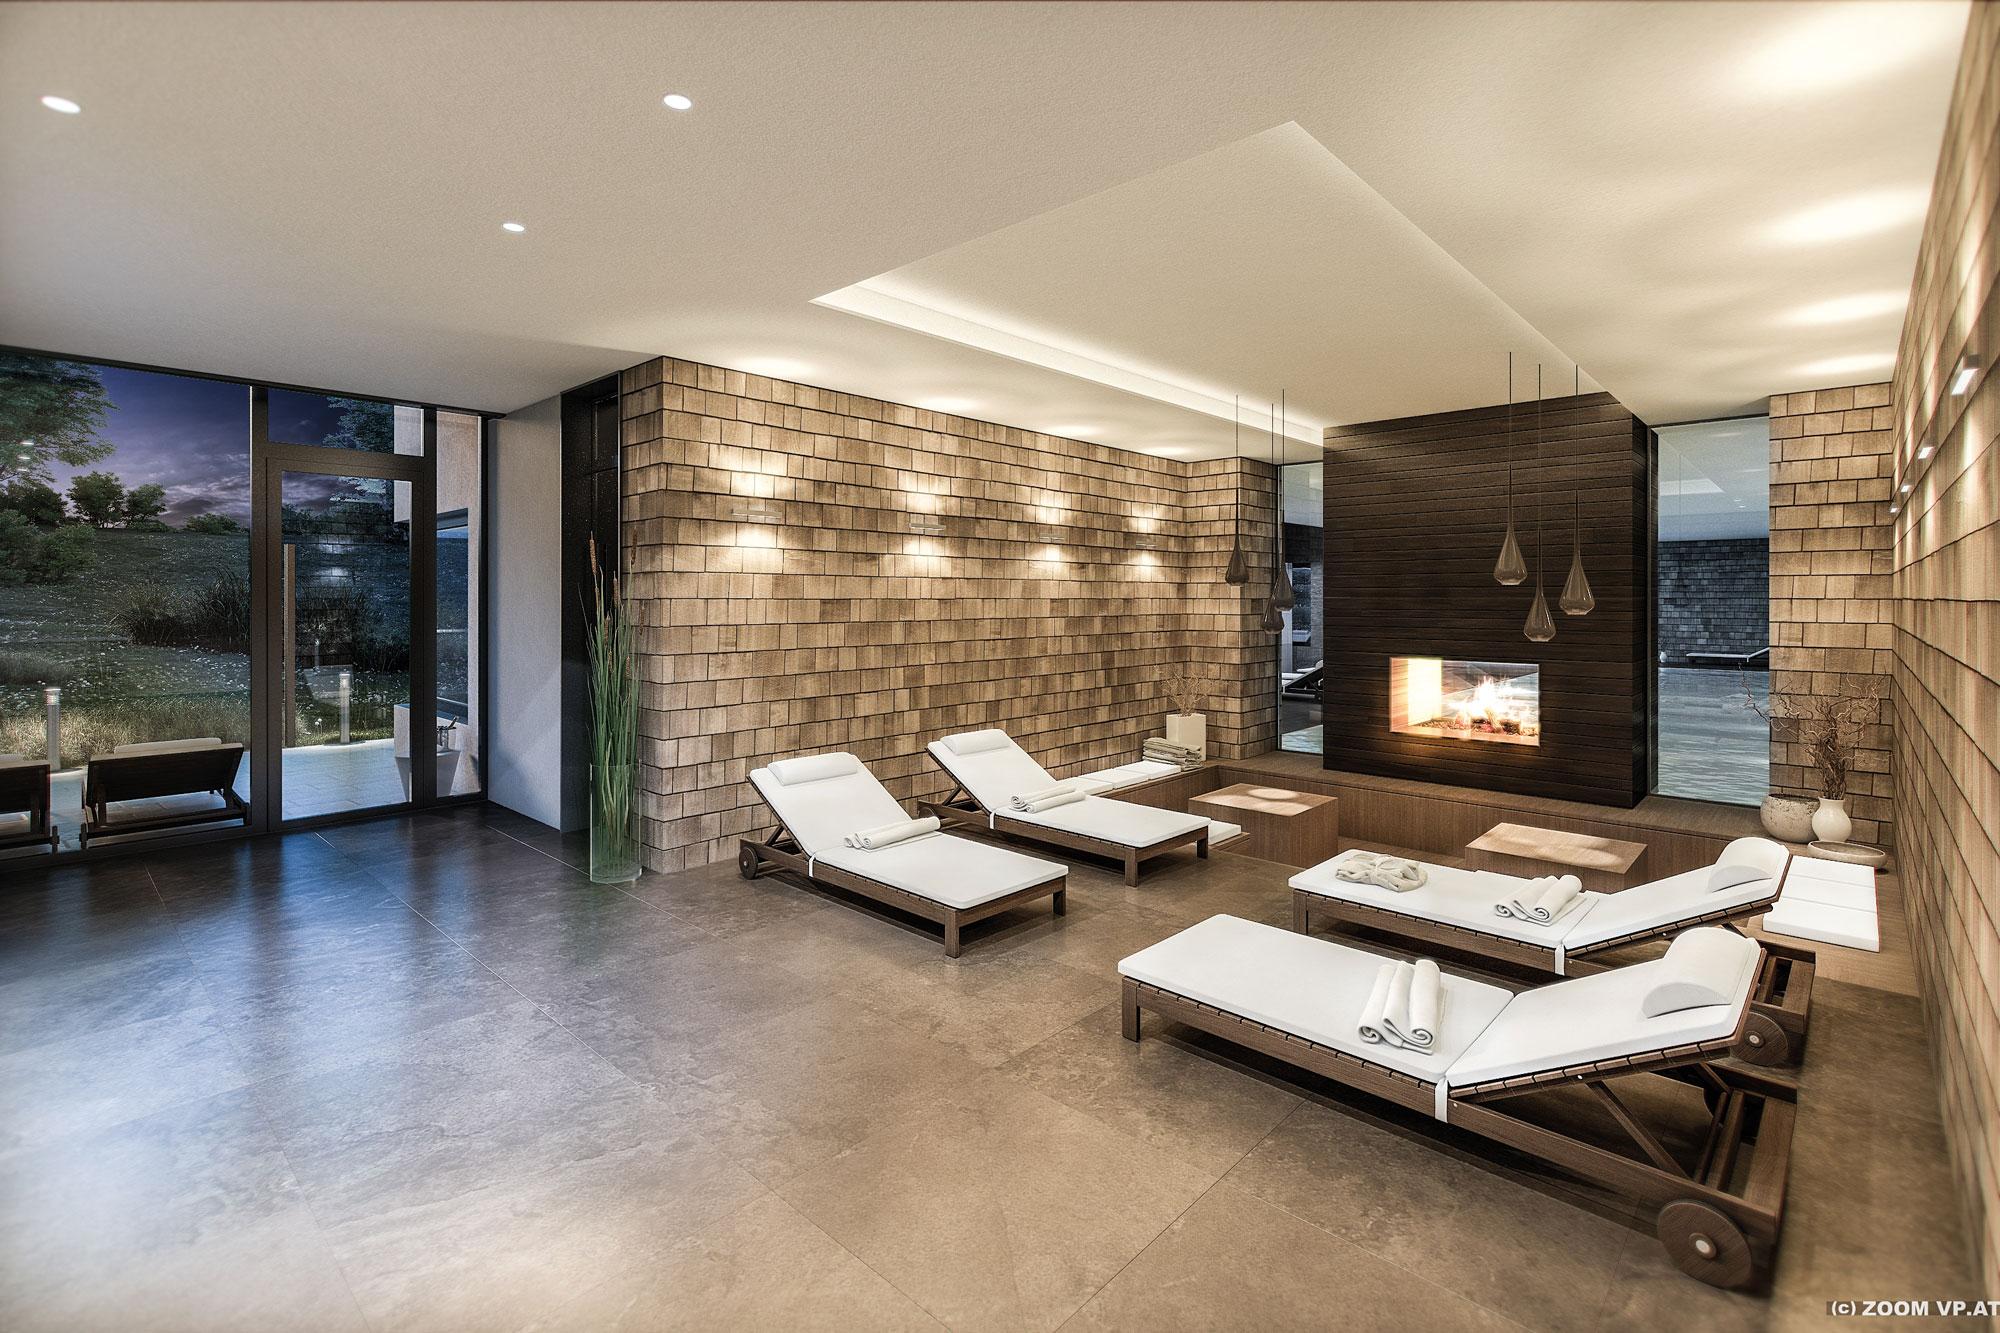 ein ort voller begeisterung und inspiration das klosterhof premium hotel health resort. Black Bedroom Furniture Sets. Home Design Ideas